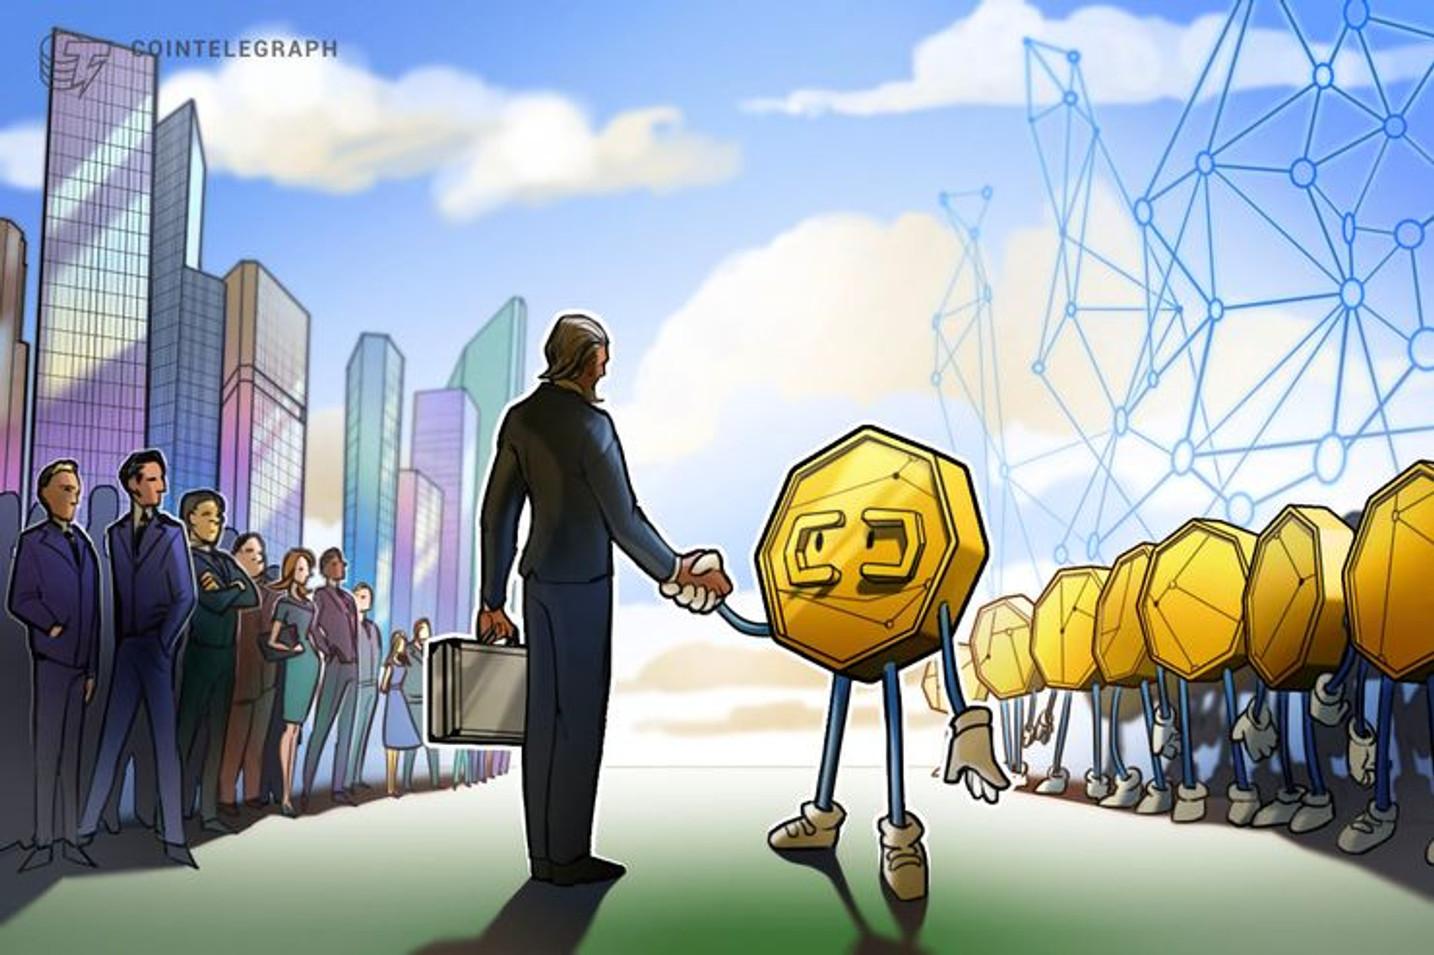 Lanzan 2gether: una plataforma bancaria de capital español que permitirá gestionar criptomonedas y servicios fintech